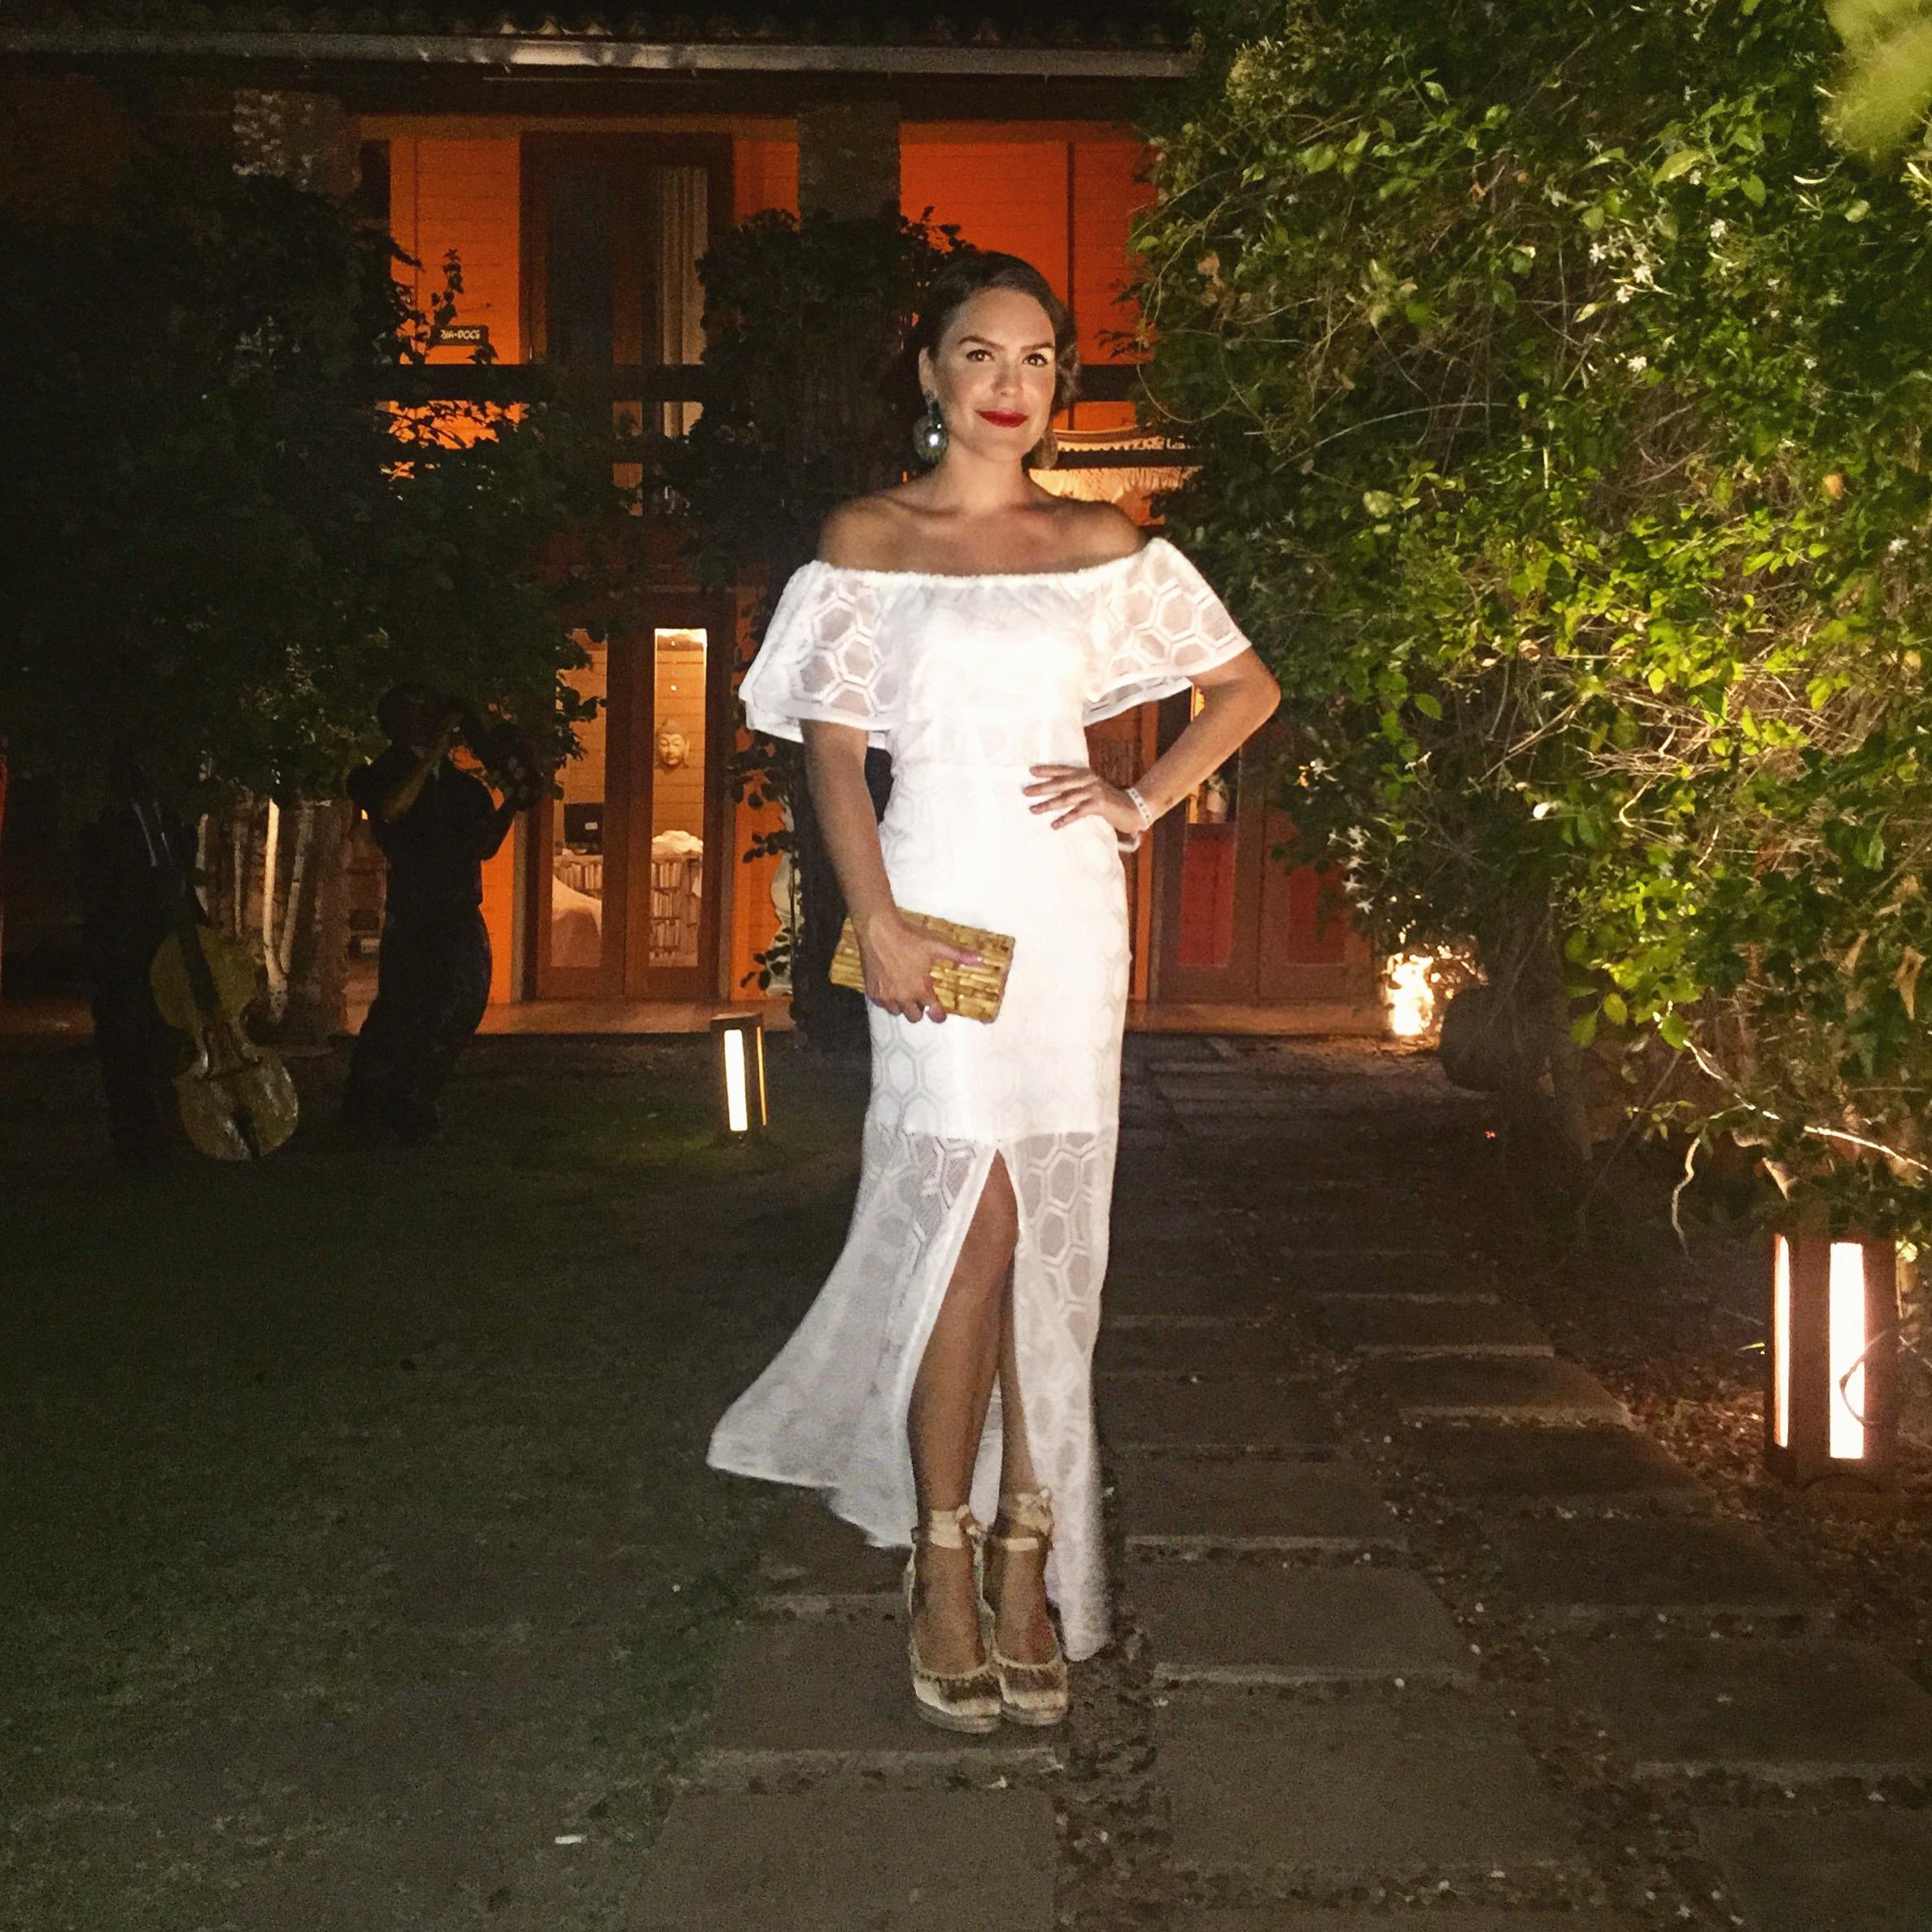 Look-réveillon-ano-novo-inspiração-vestido-branco-Bahia-Lari-Duarte-blog